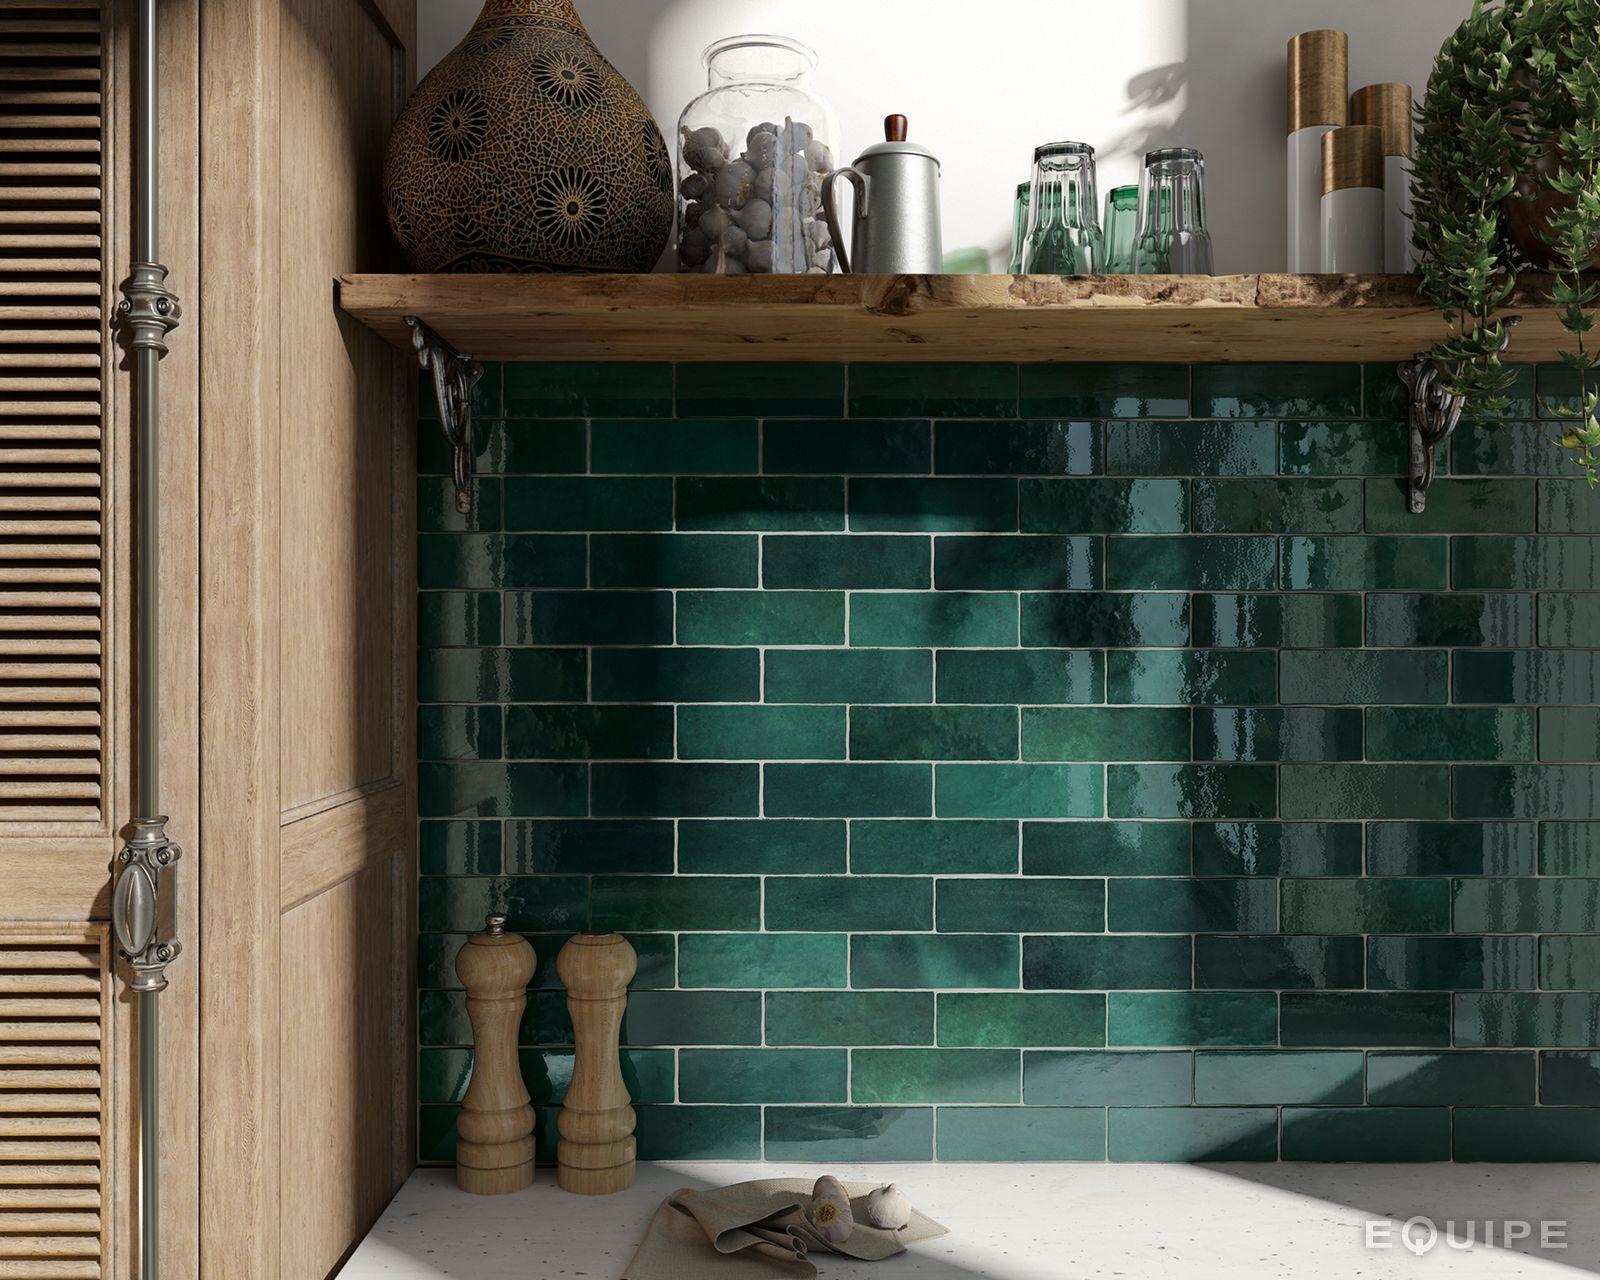 Groene Wandtegels Keuken : Groene wandtegels zijn in trek de laatste tijd bij ons kun je ze